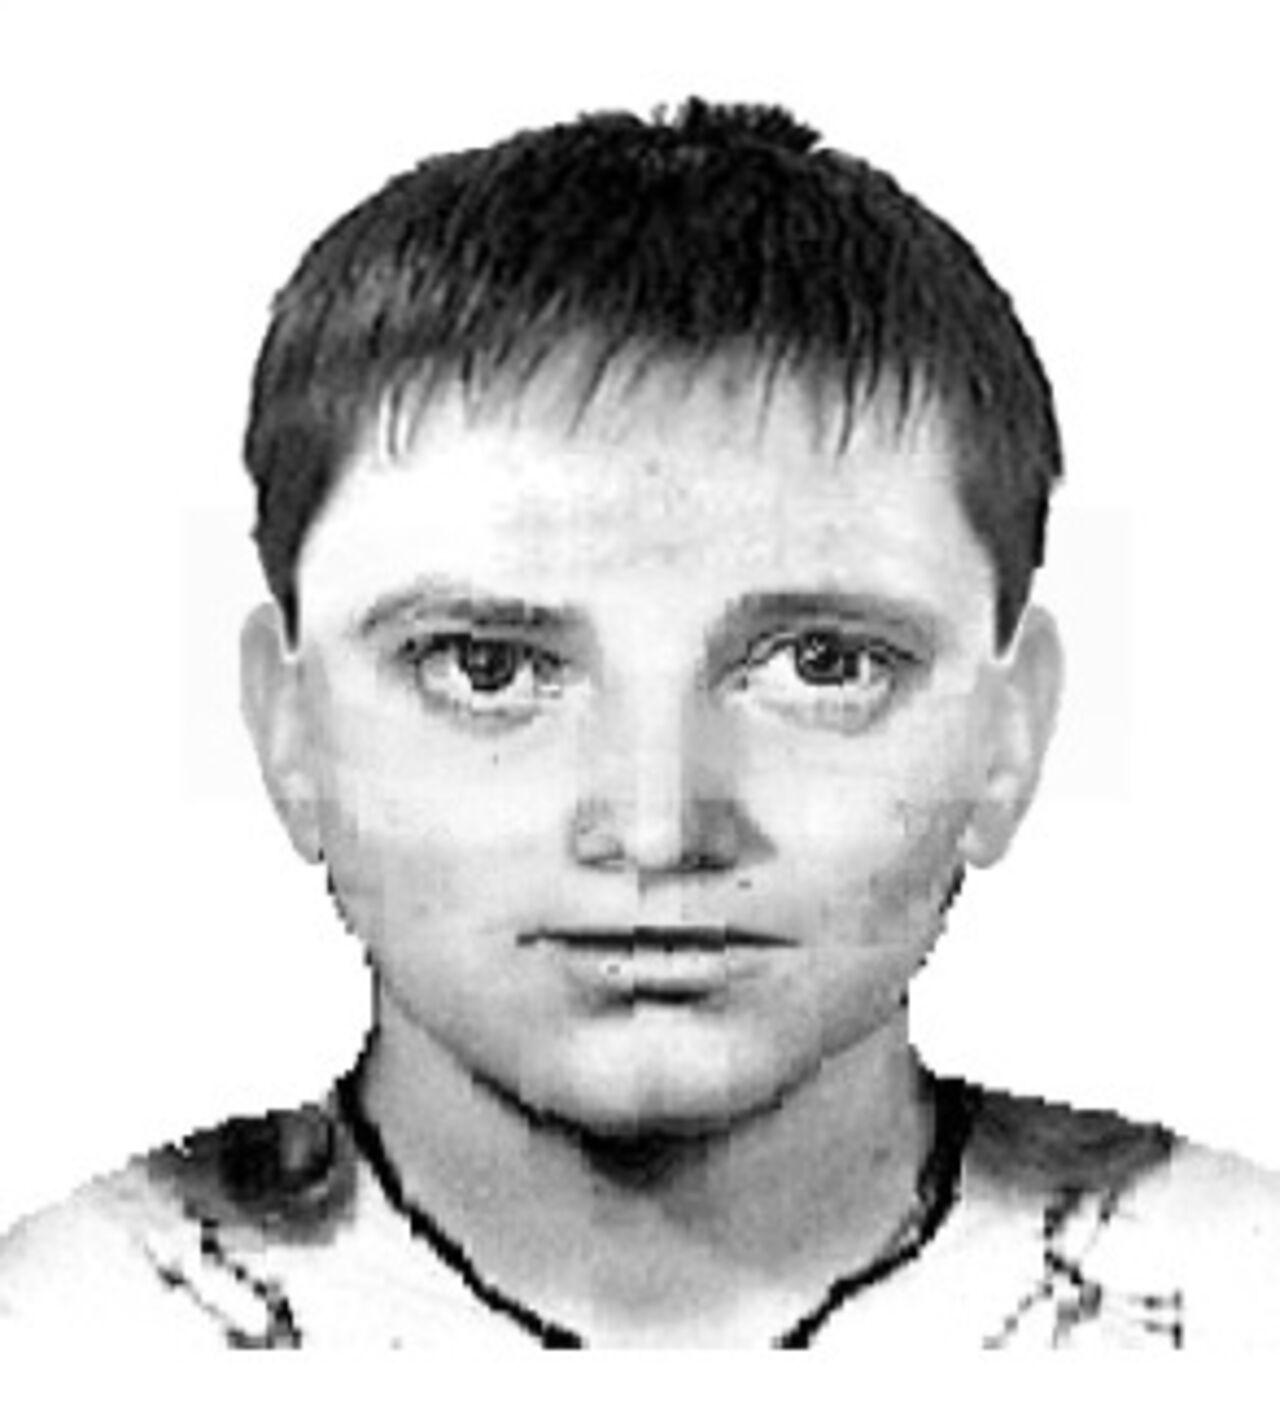 ВКемерове наулице ограбили 76-летнего пенсионера